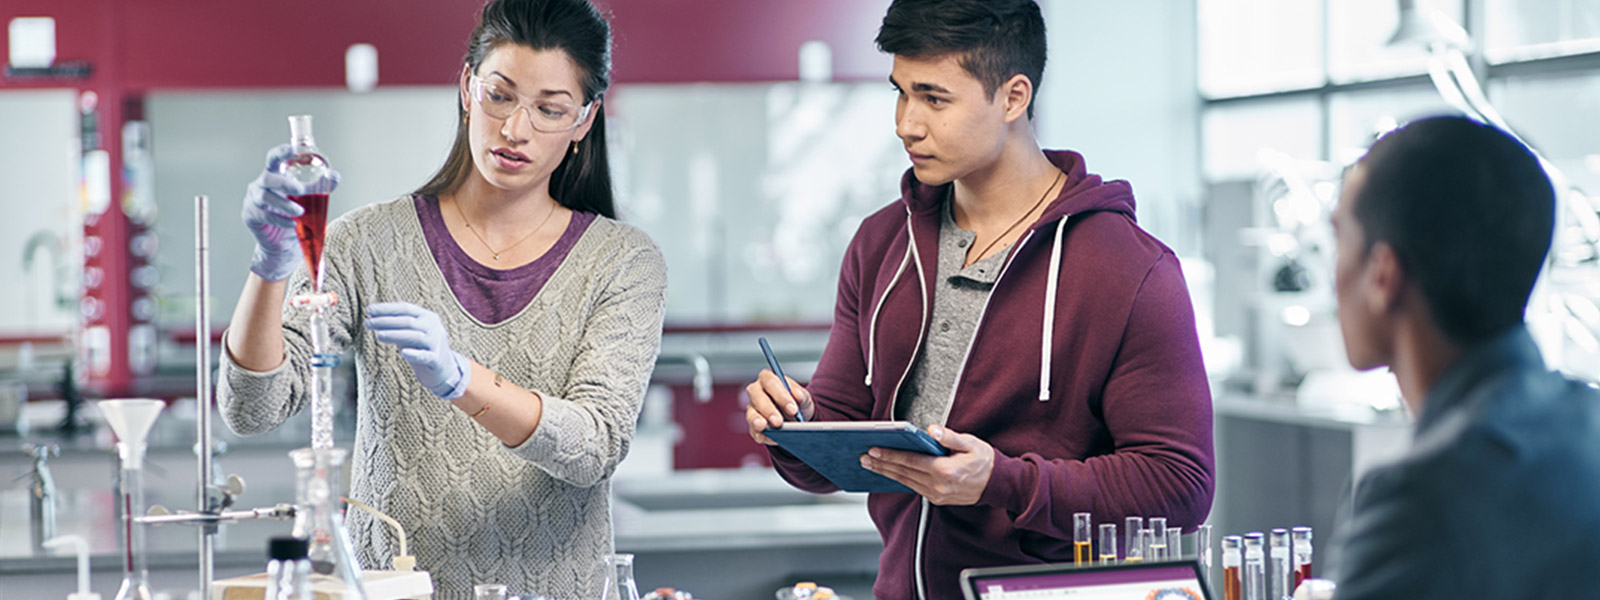 三个学生在化学实验室中,一人使用平板模式的 Surface Pro 4,一人使用笔记本模式的 Surface Pro 4。